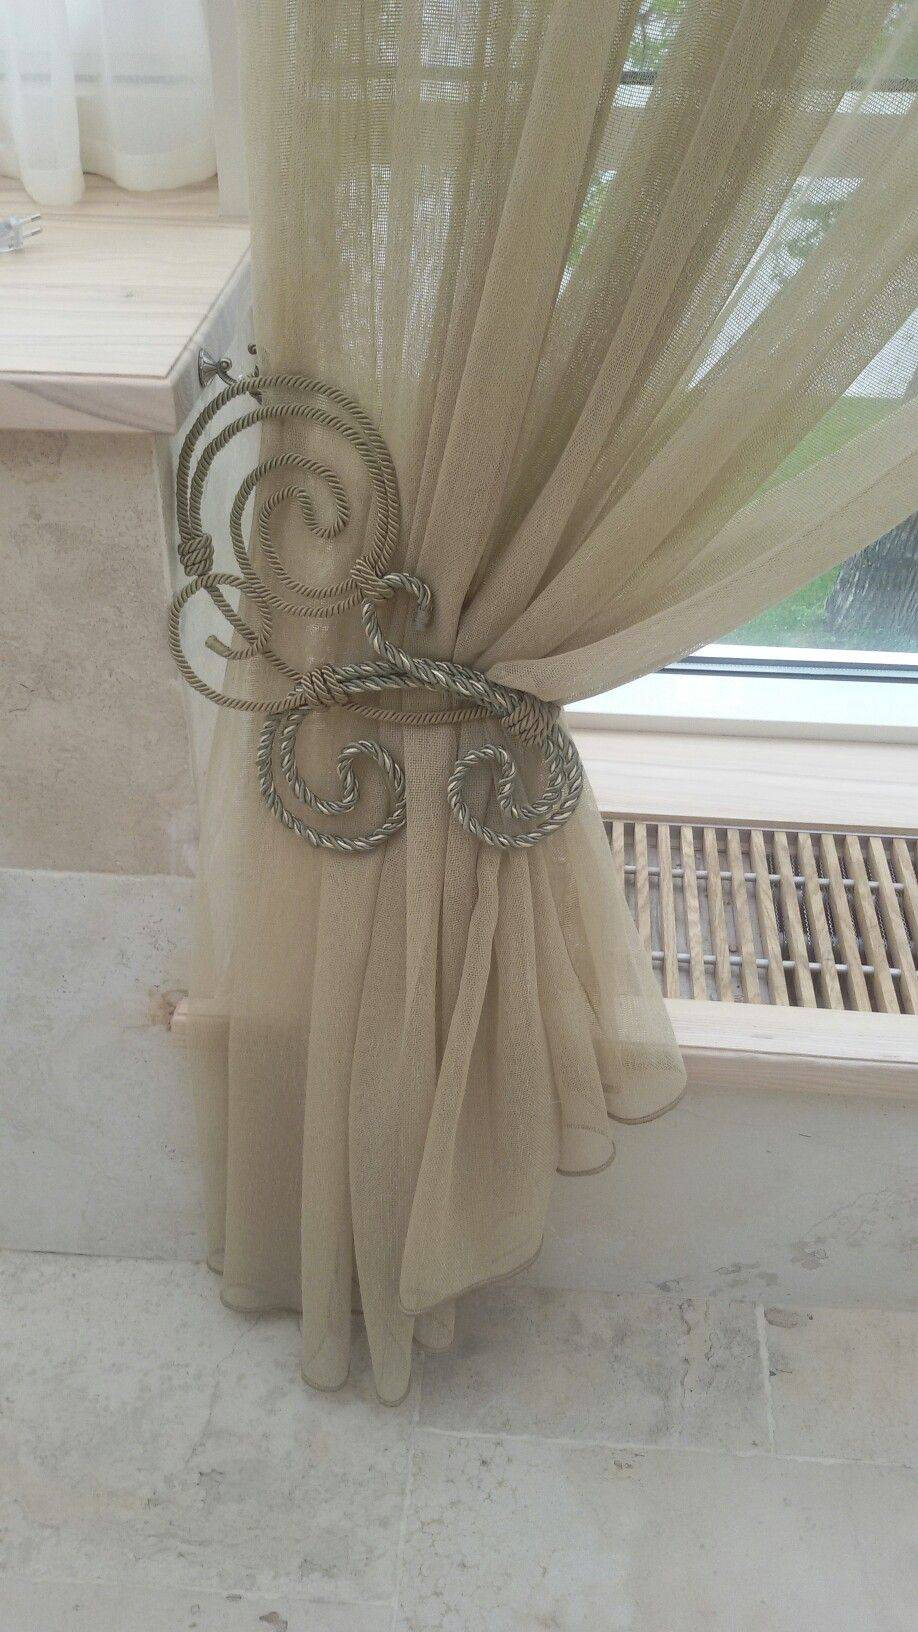 Необычные шторы своими руками: 17 оригинальных дизайнерских идей из «marie claire»   дизайн-ремонт.инфо. фото интерьеров. идеи для дома